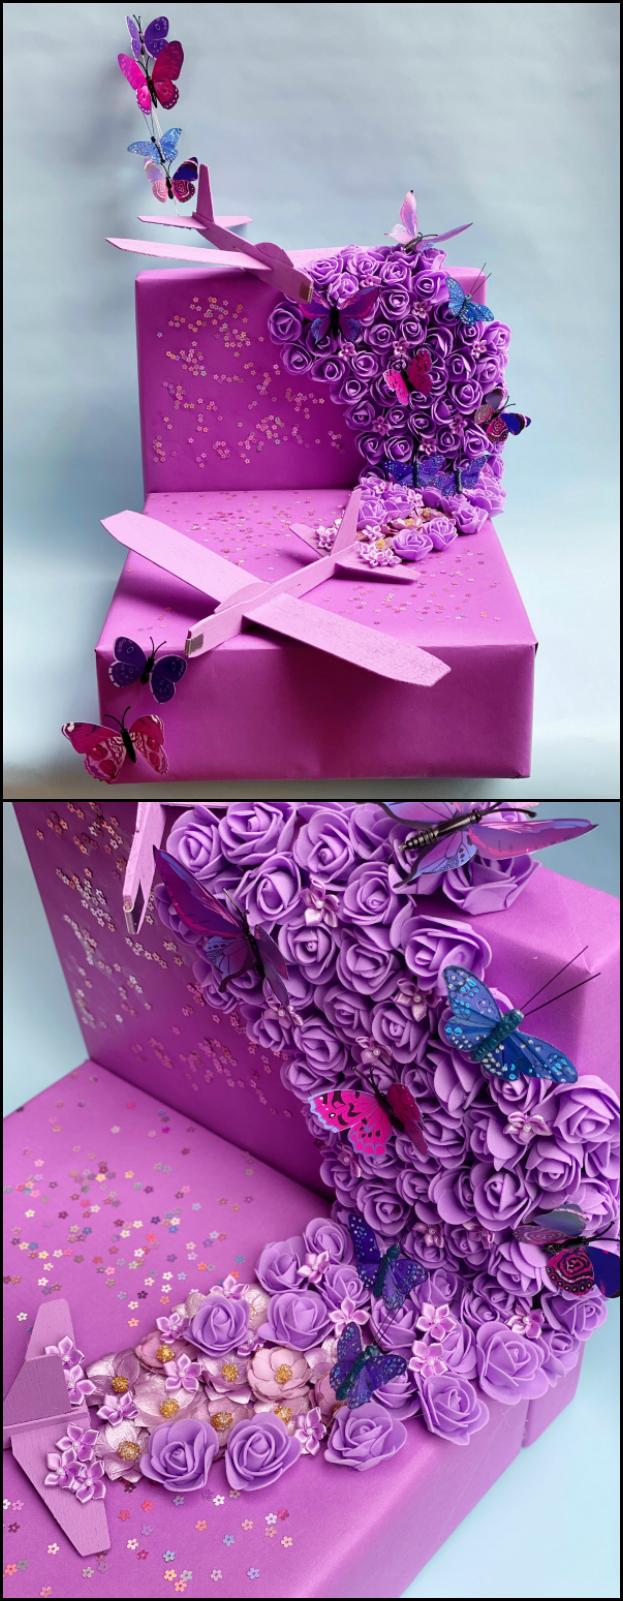 lavender menace mini DIY shoebox parade float